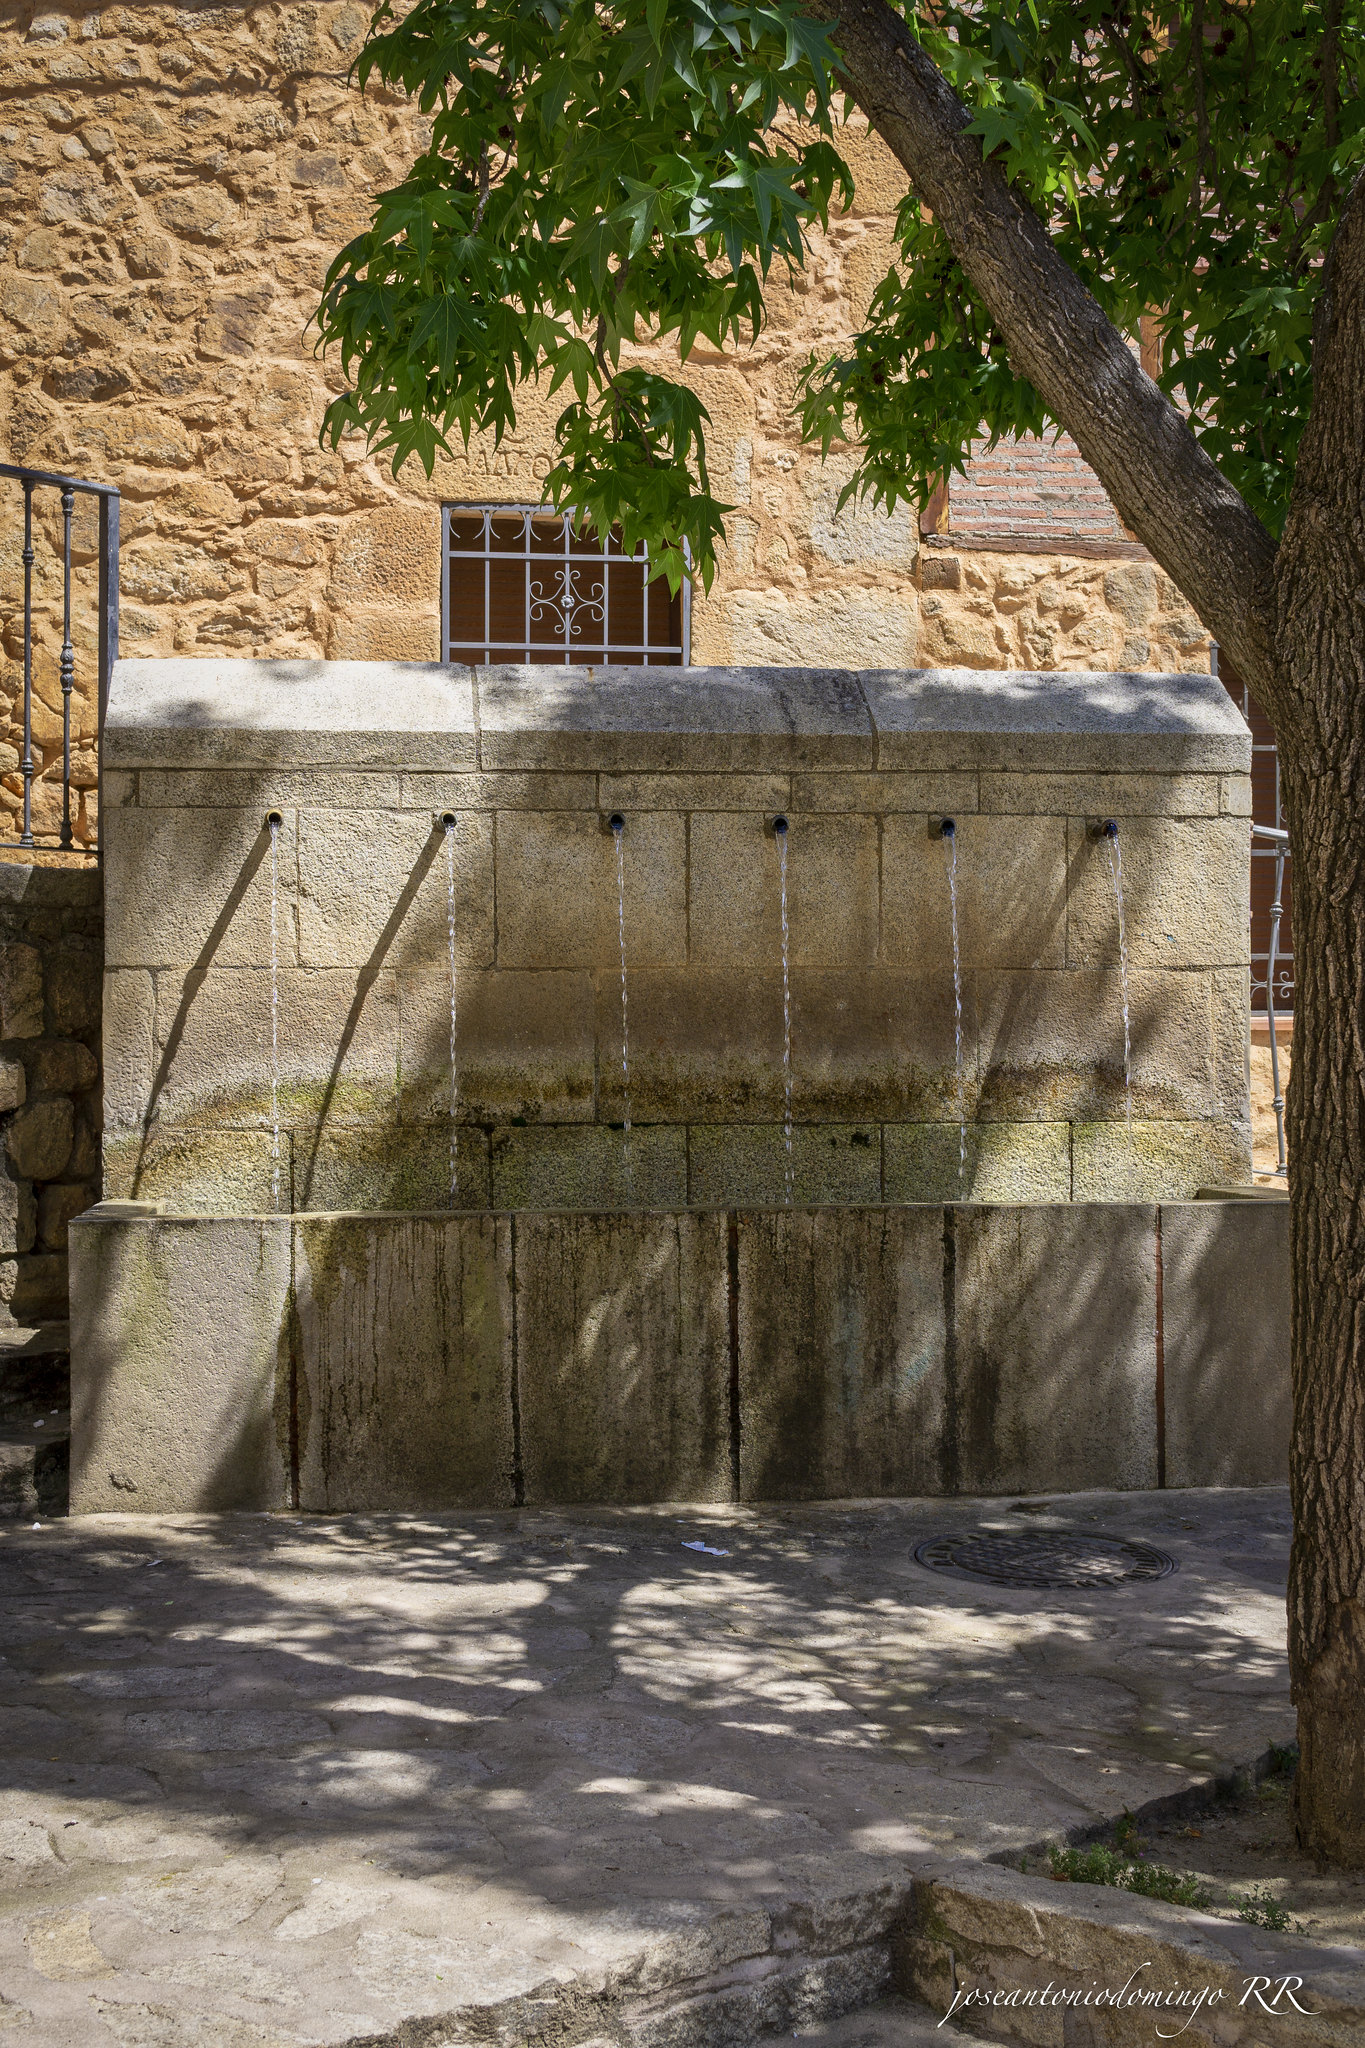 Madrigal de la Vera - Fuente de los seis caños.